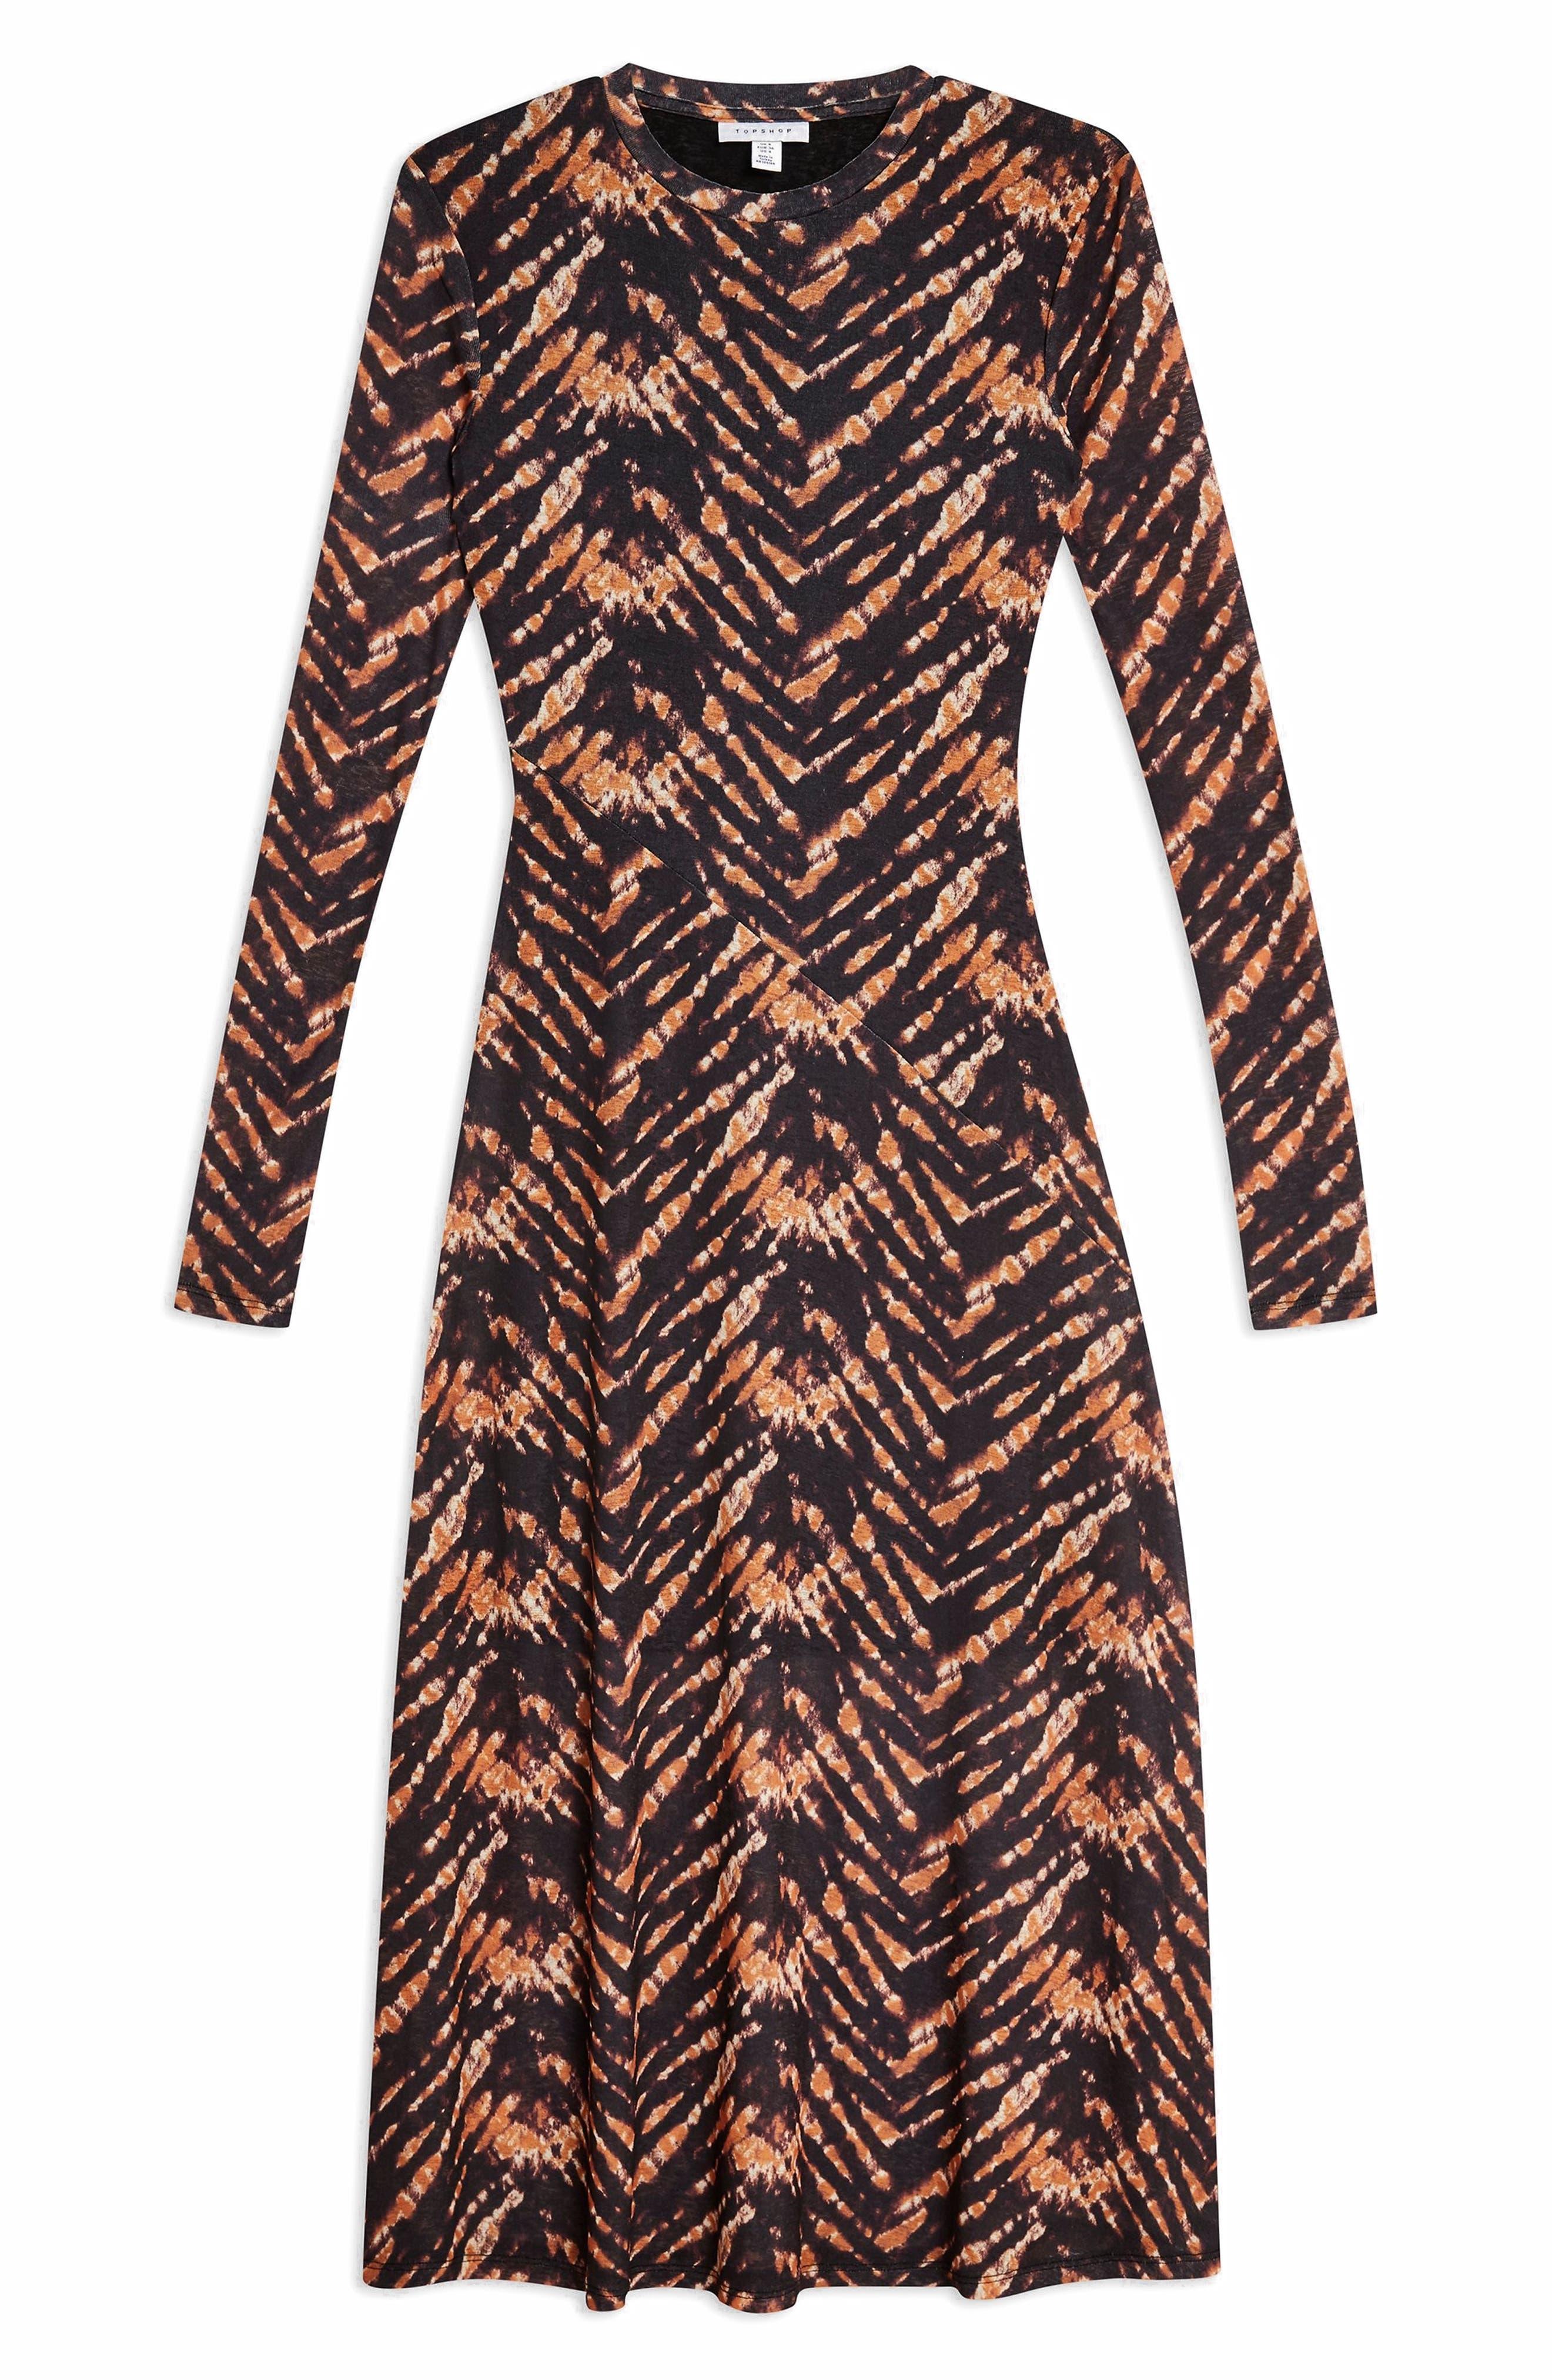 TOPSHOP,                             Tie Dye Mesh Midi Dress,                             Alternate thumbnail 4, color,                             BLACK MULTI